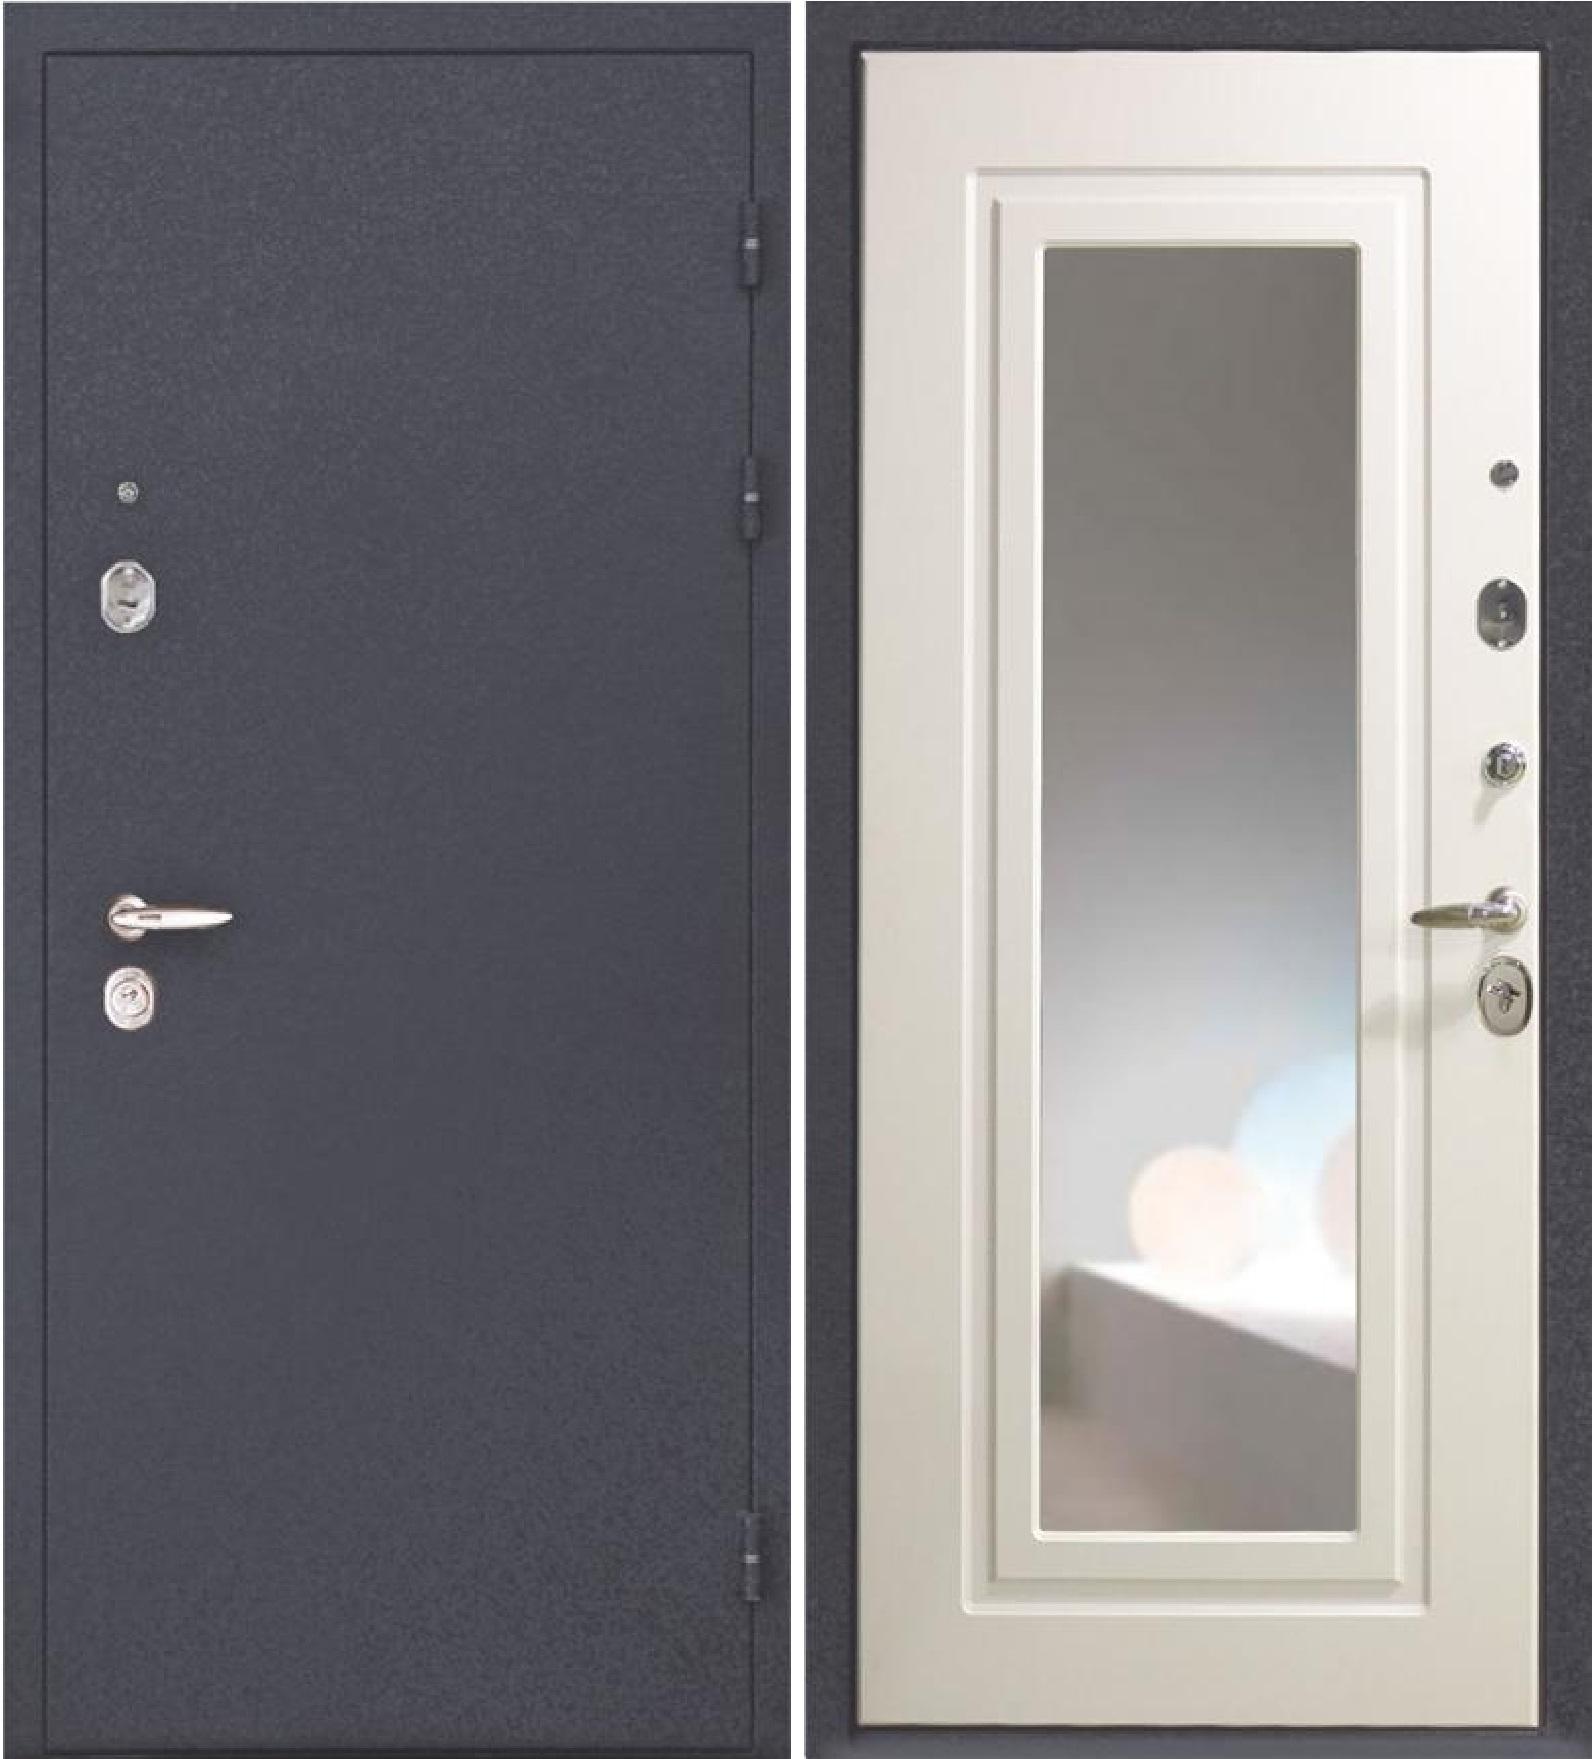 Стальные двери производства завода в йошкар-оле могут быть разного цвета и текстуры, стилевых и дизайнерских решений.